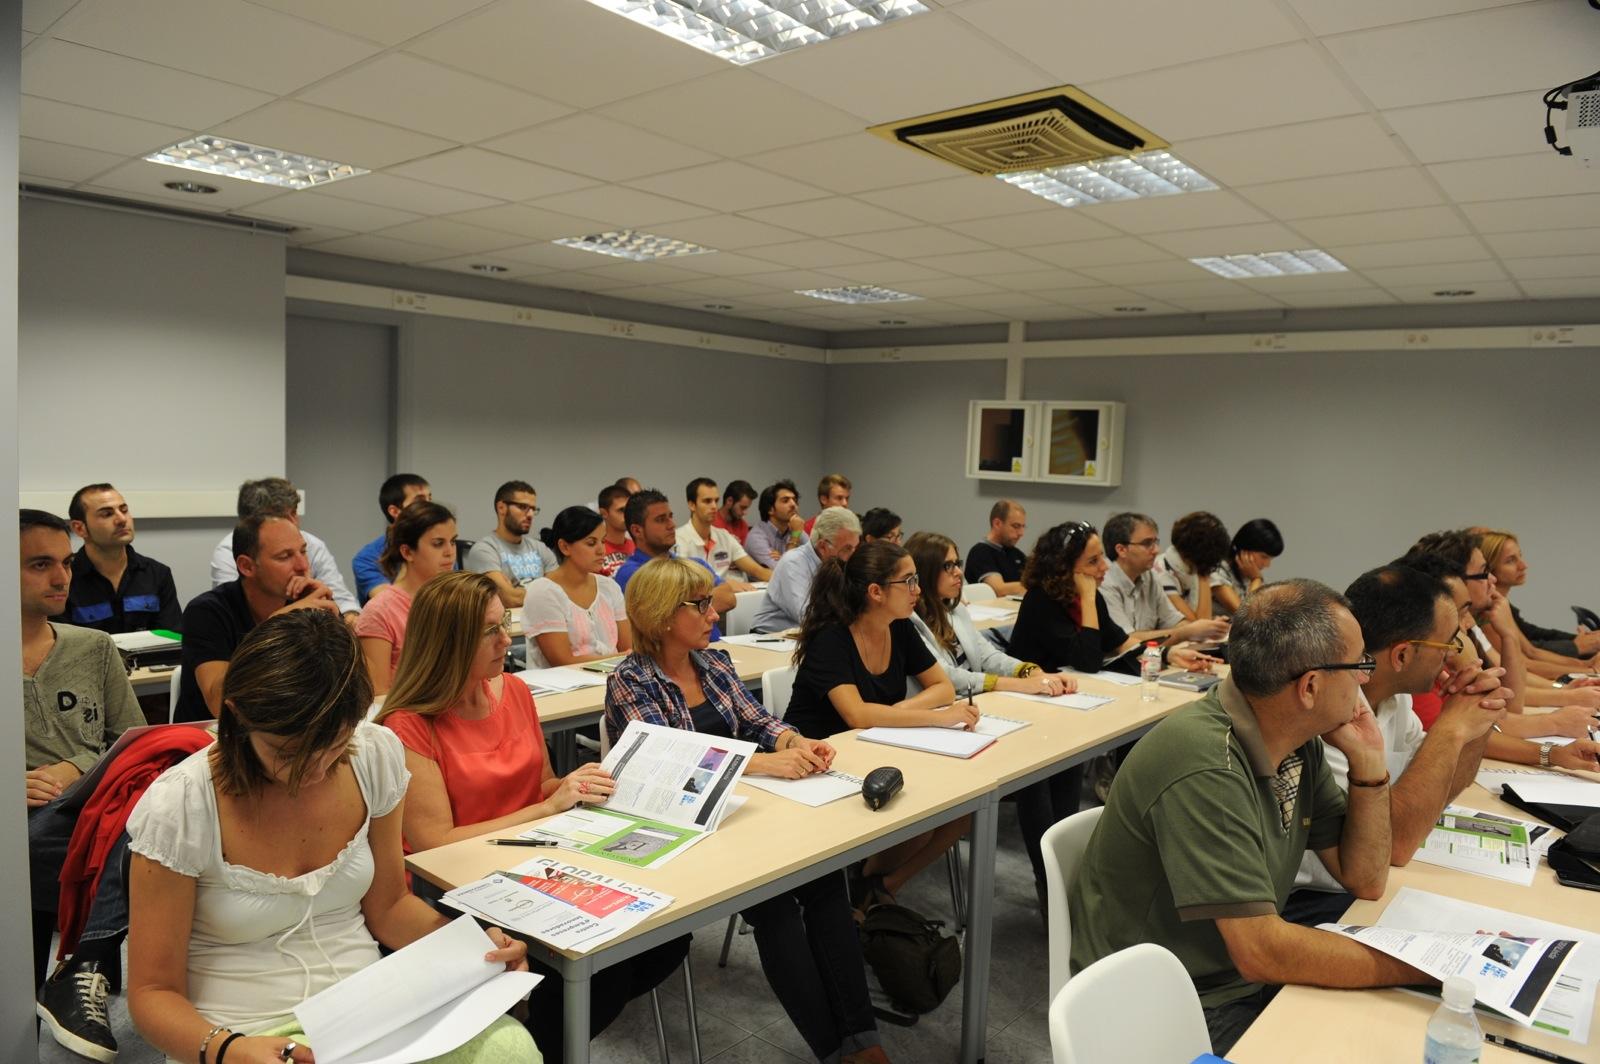 El nou cicle dels Dijous Emprenedors arrenca a les instal·lacions del CEI Torrefarrera